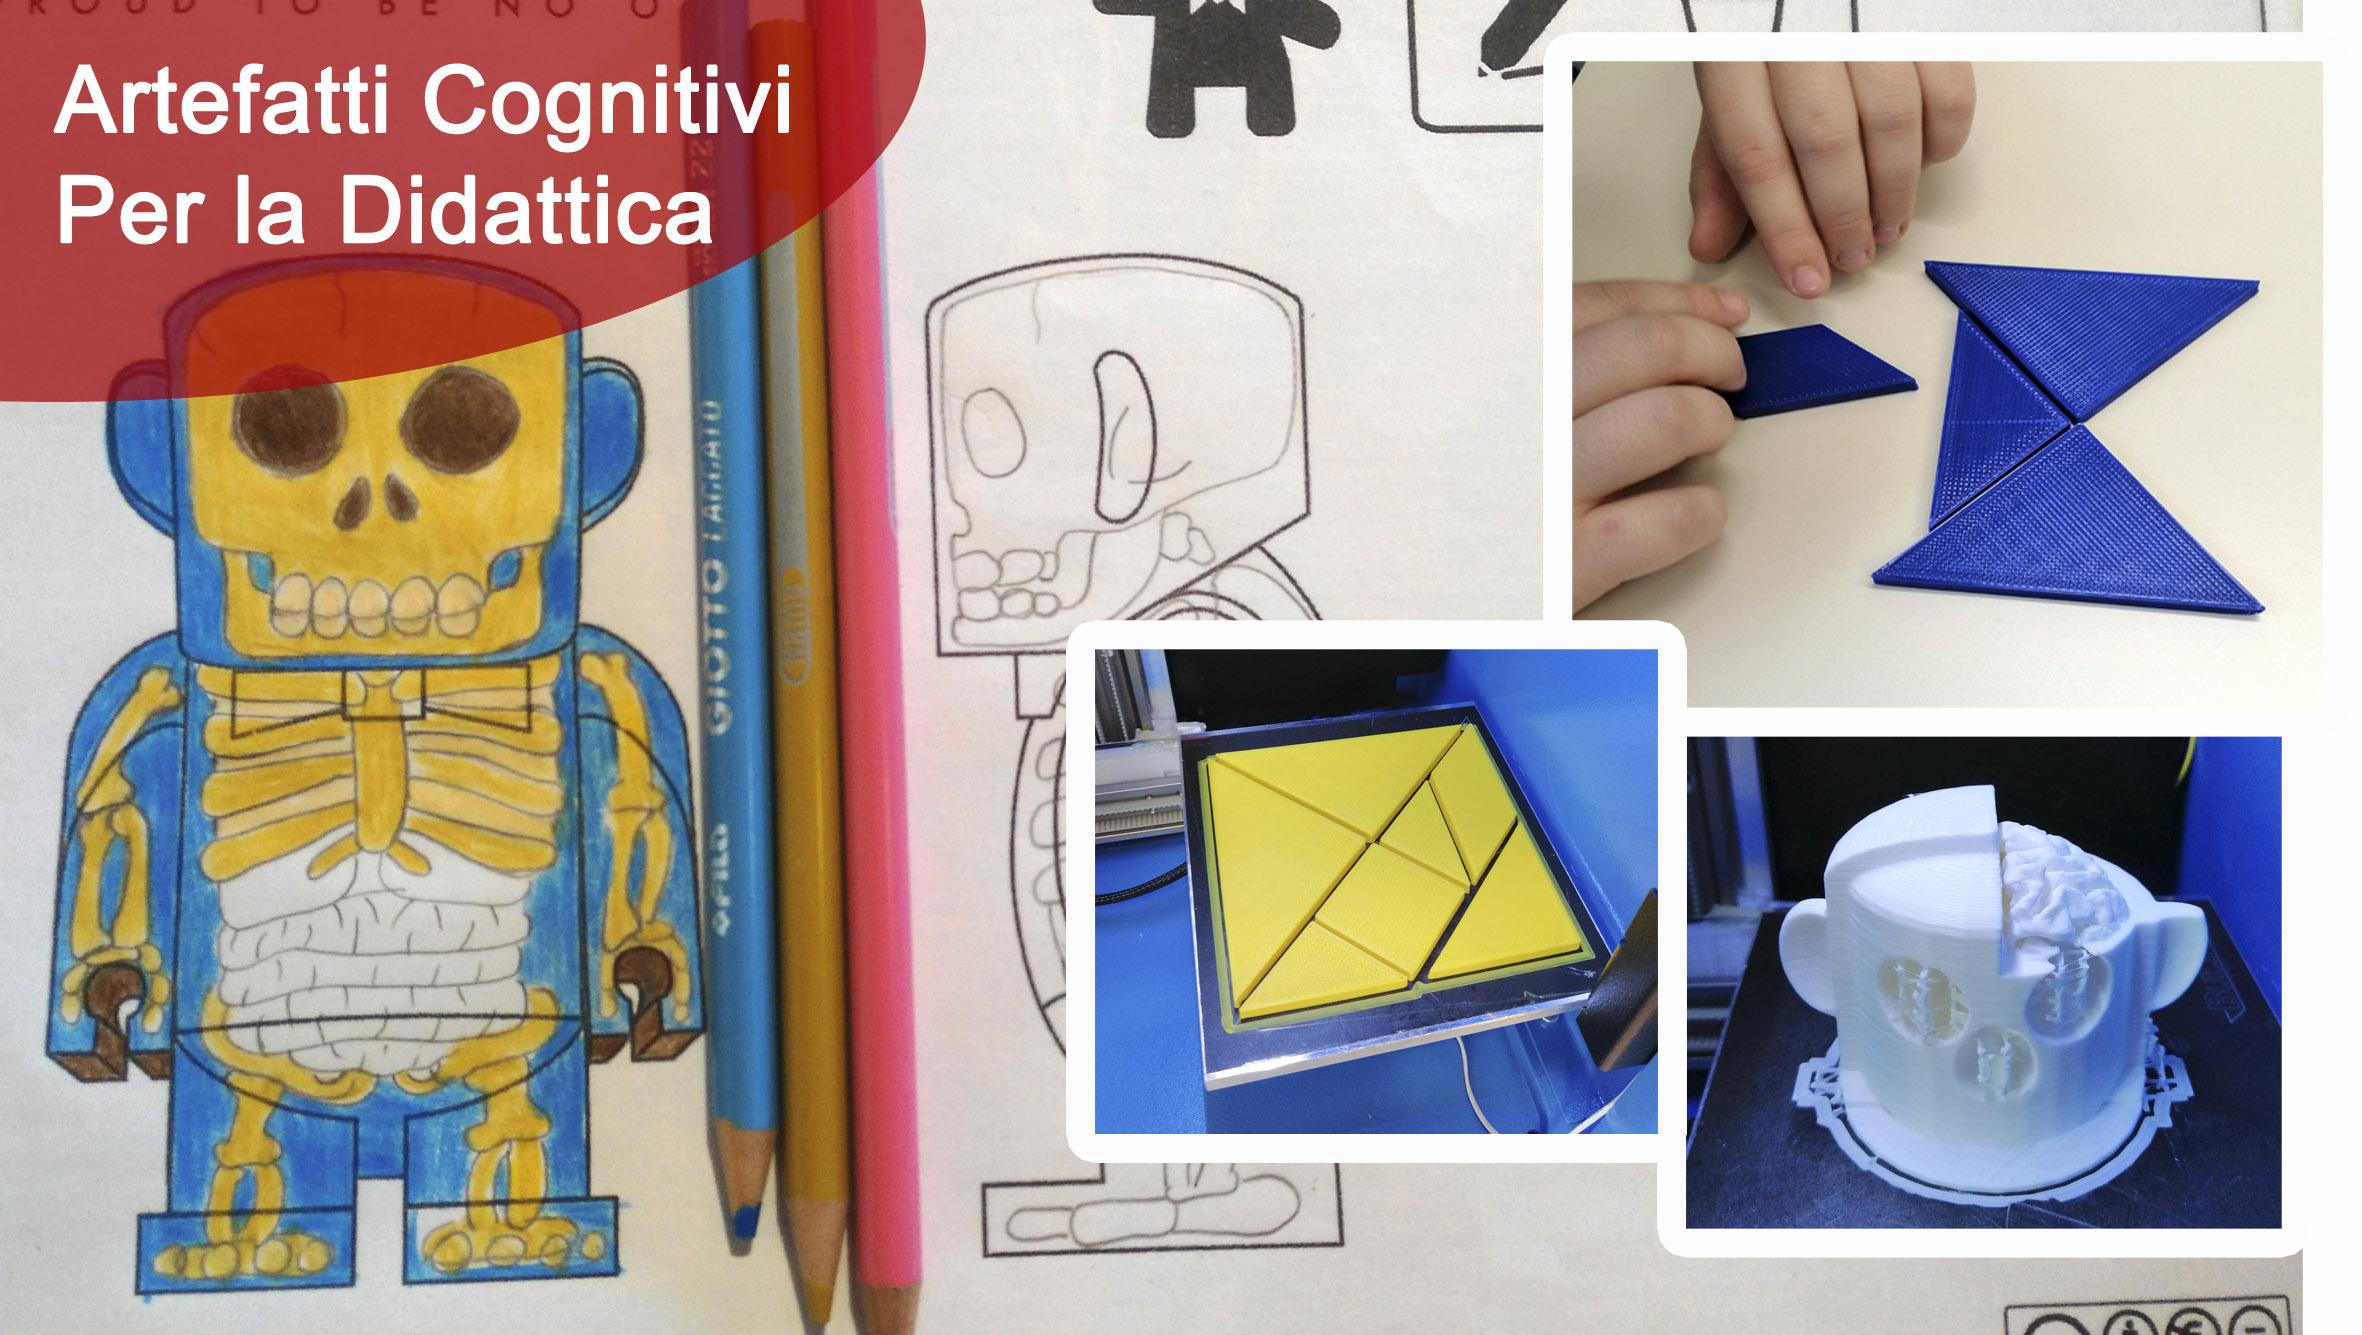 Artefatti Cognitivi per la Didattica